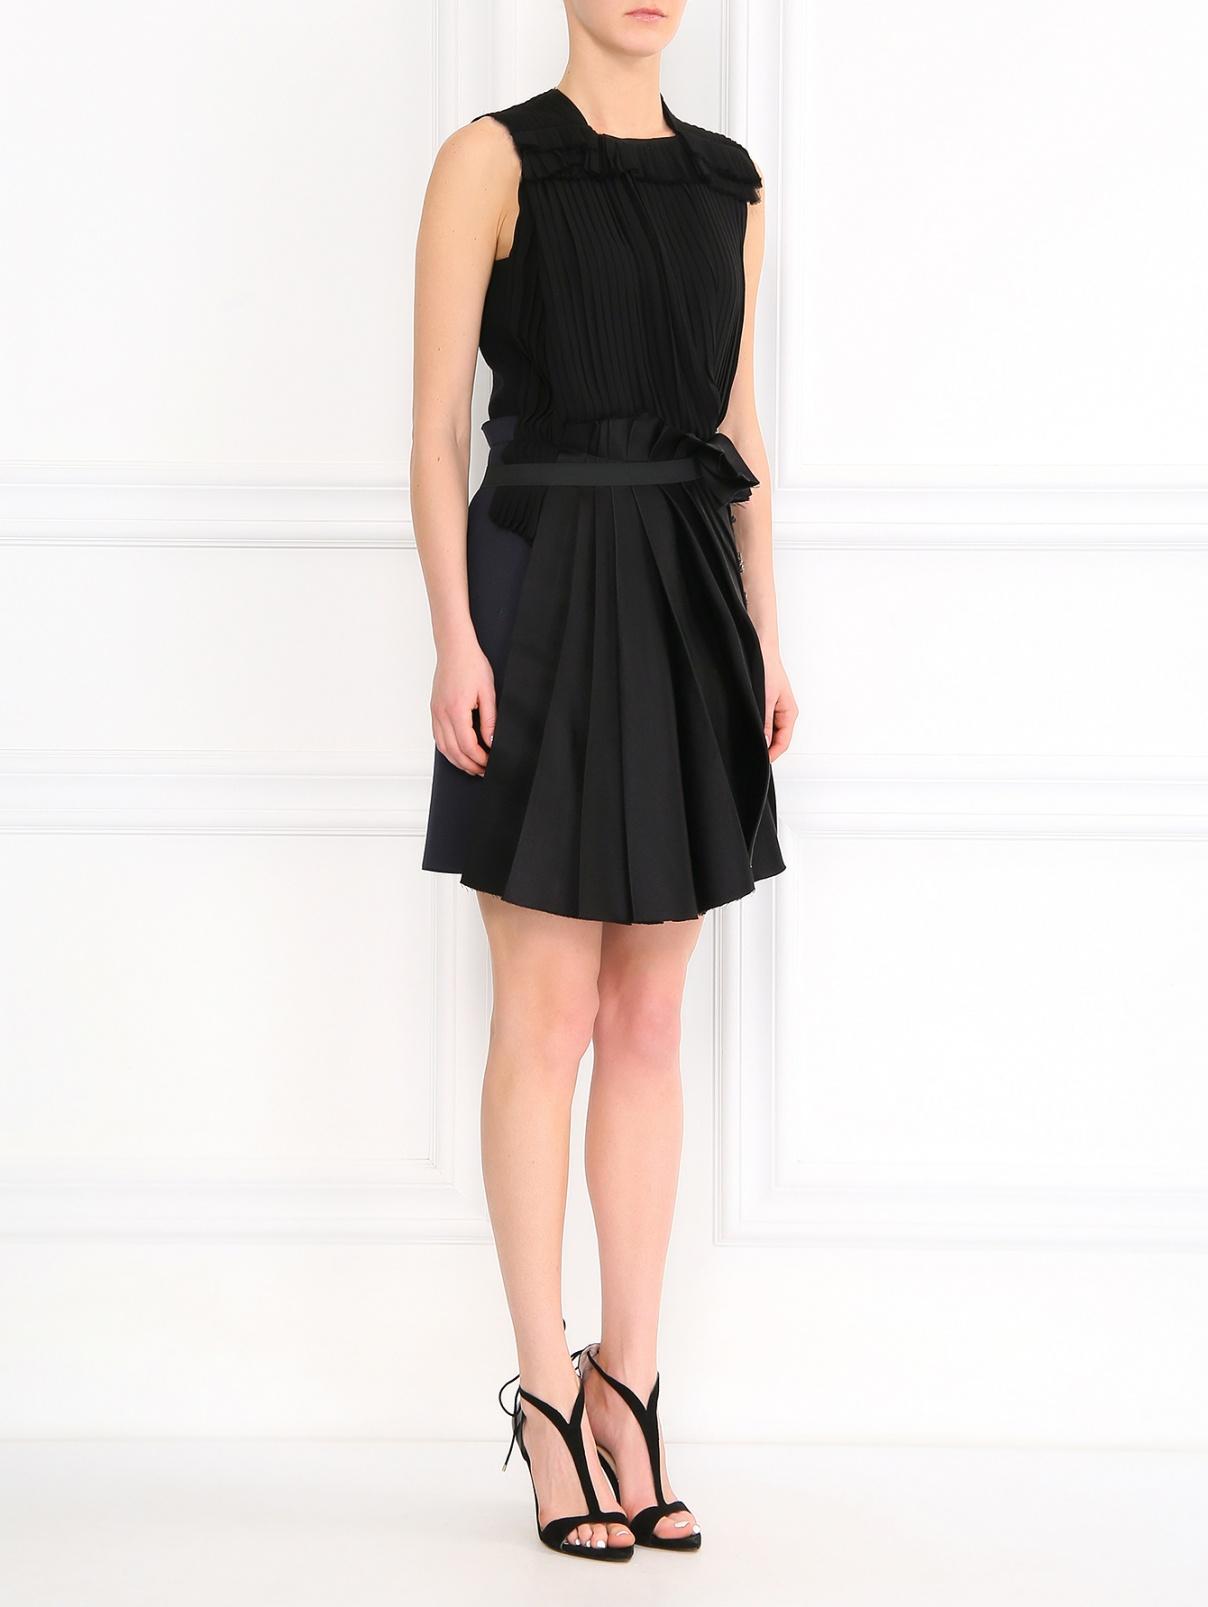 Платье из шелка декорированное кристаллами Lanvin  –  Модель Общий вид  – Цвет:  Черный